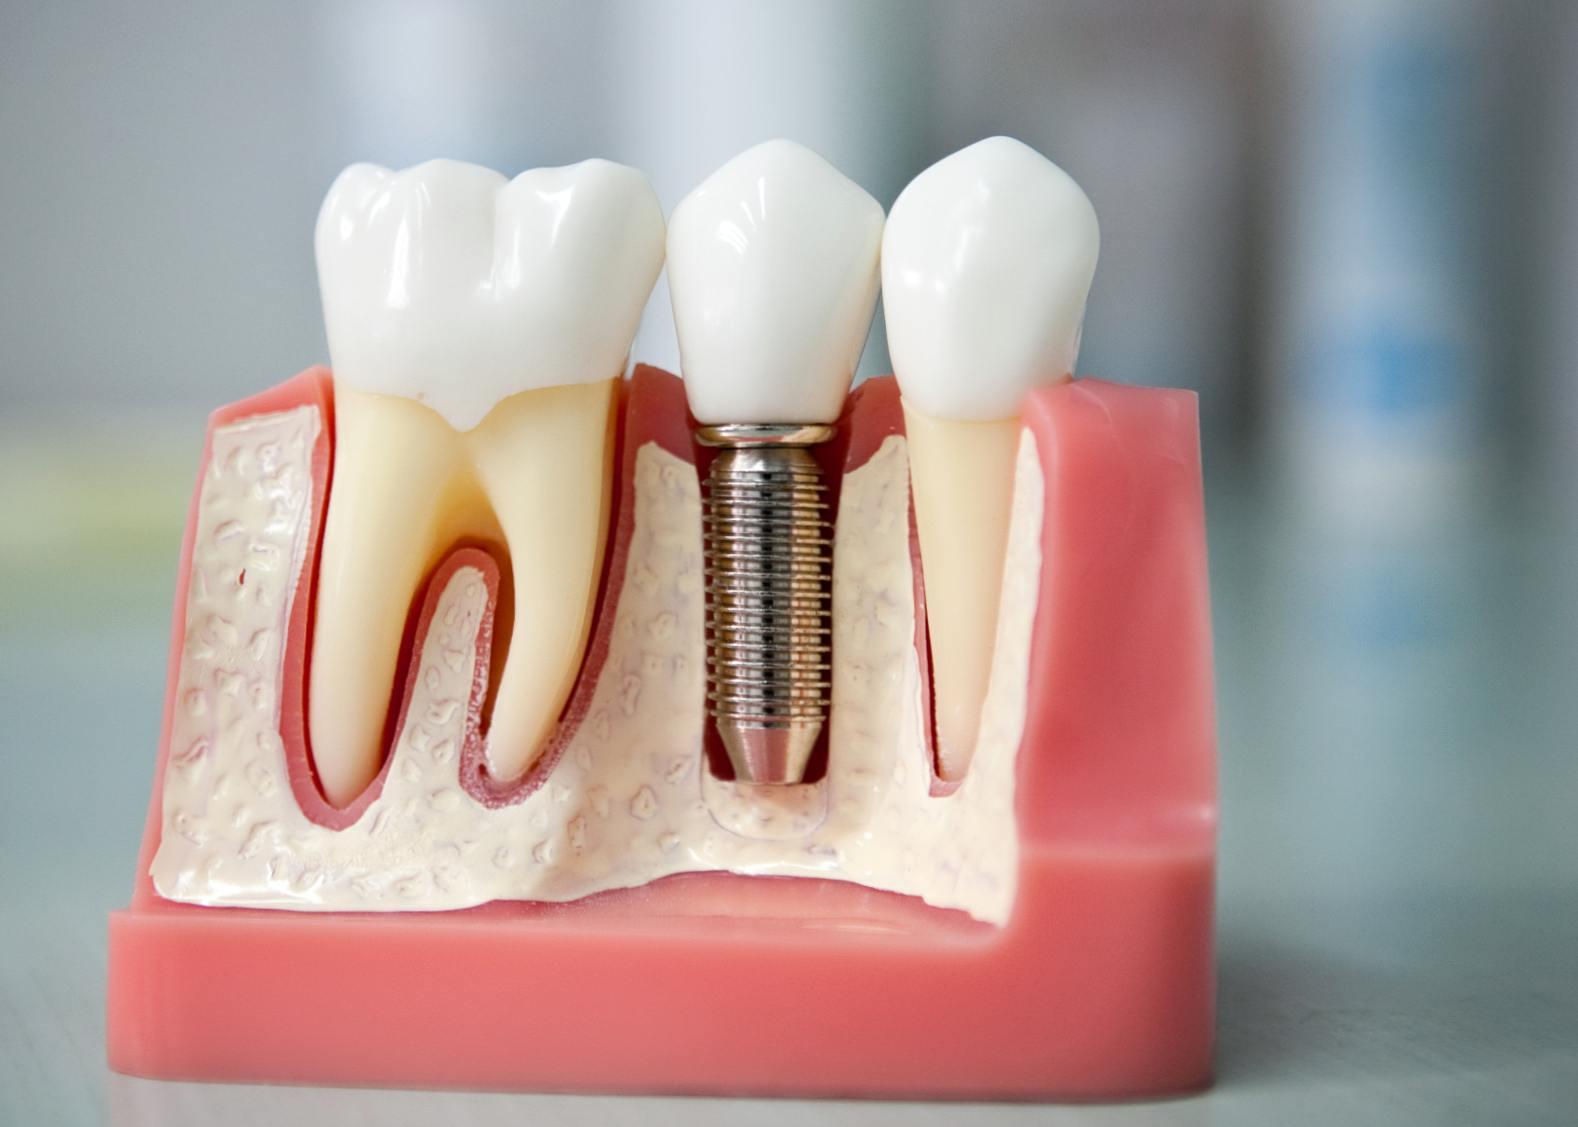 Что входит в понятие имплантация зубов под ключ?